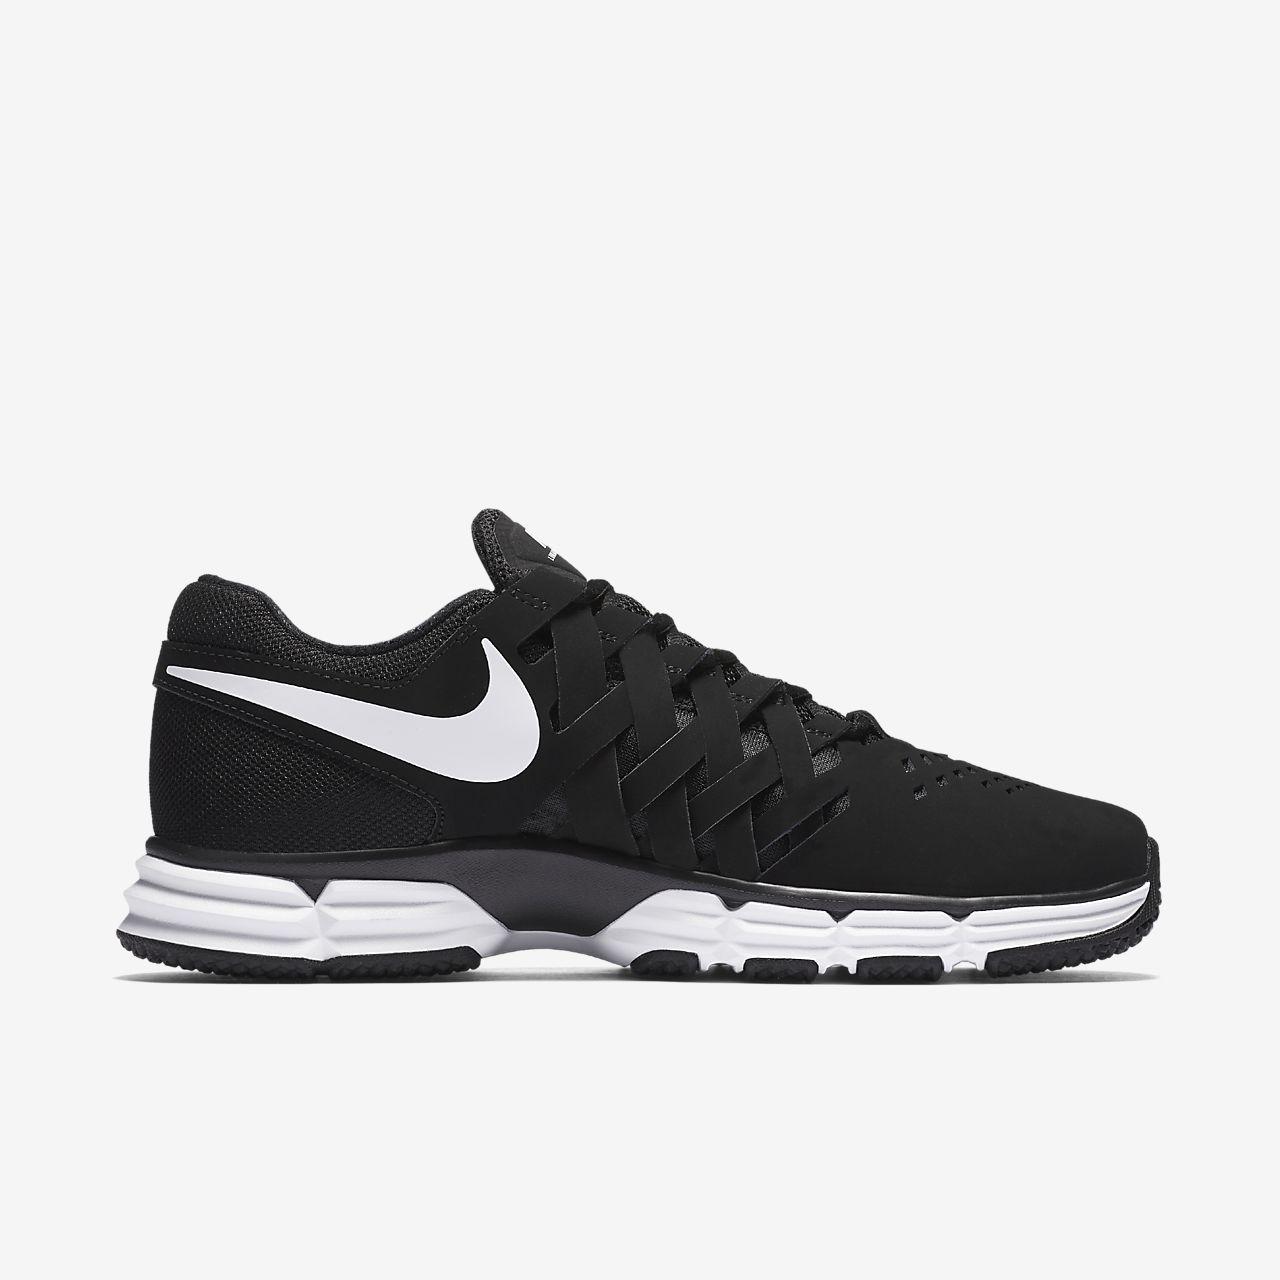 f2cdc6c743559 Nike Lunar Fingertrap (Extra Wide) TR Men s Training Shoe. Nike.com